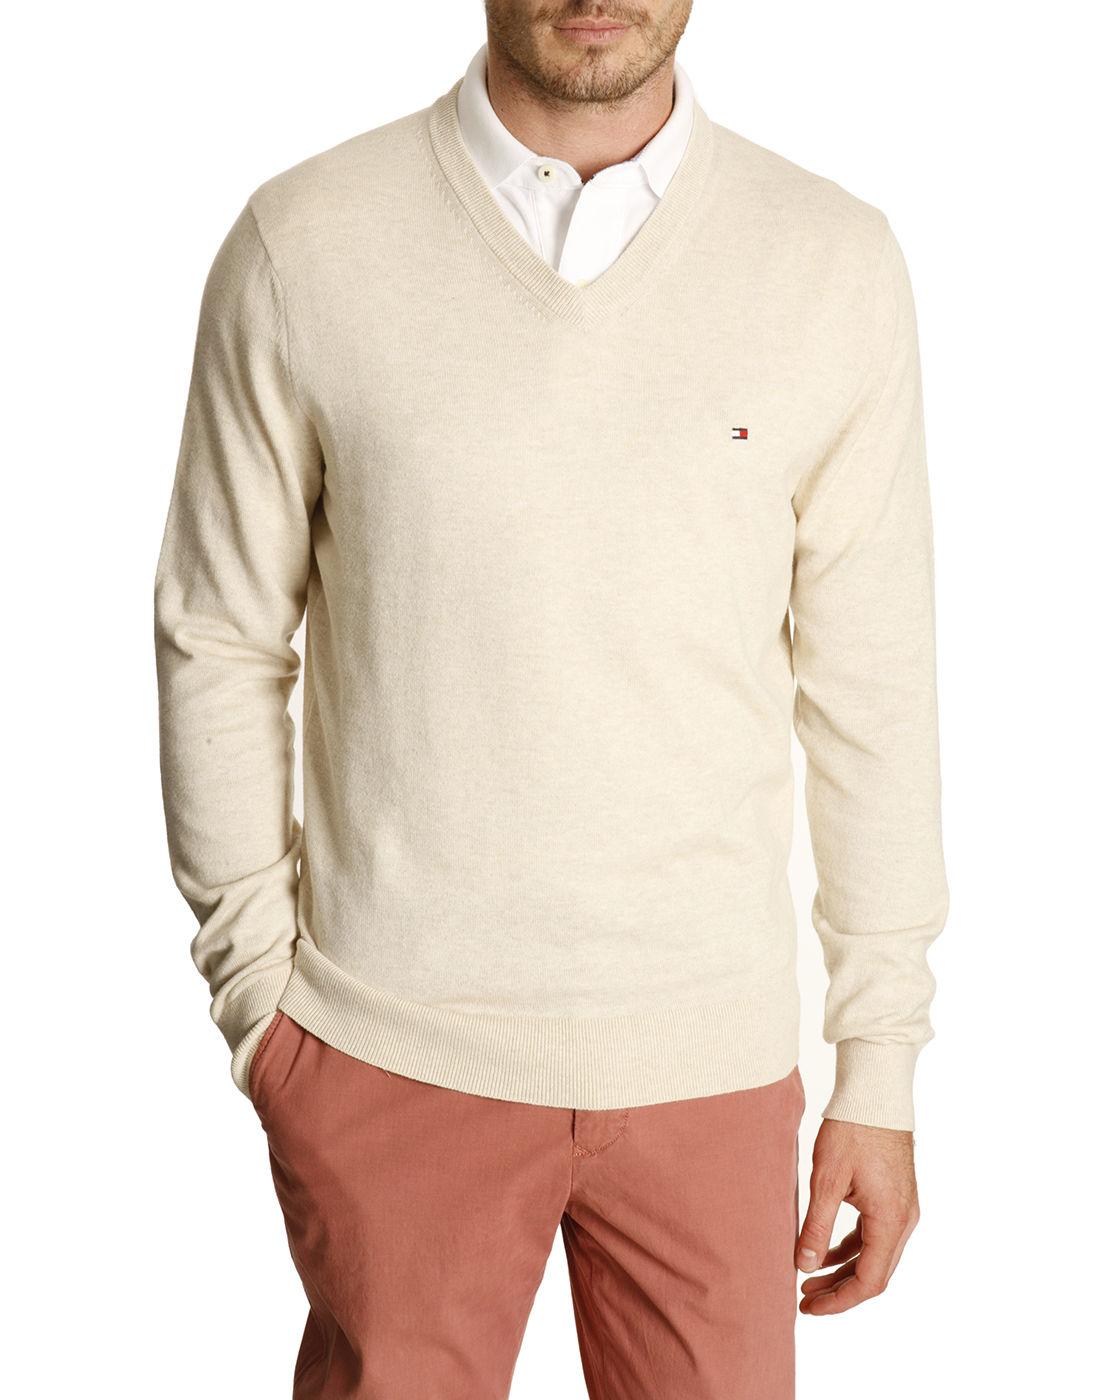 tommy hilfiger natural cotton and linen v neck sweater in. Black Bedroom Furniture Sets. Home Design Ideas